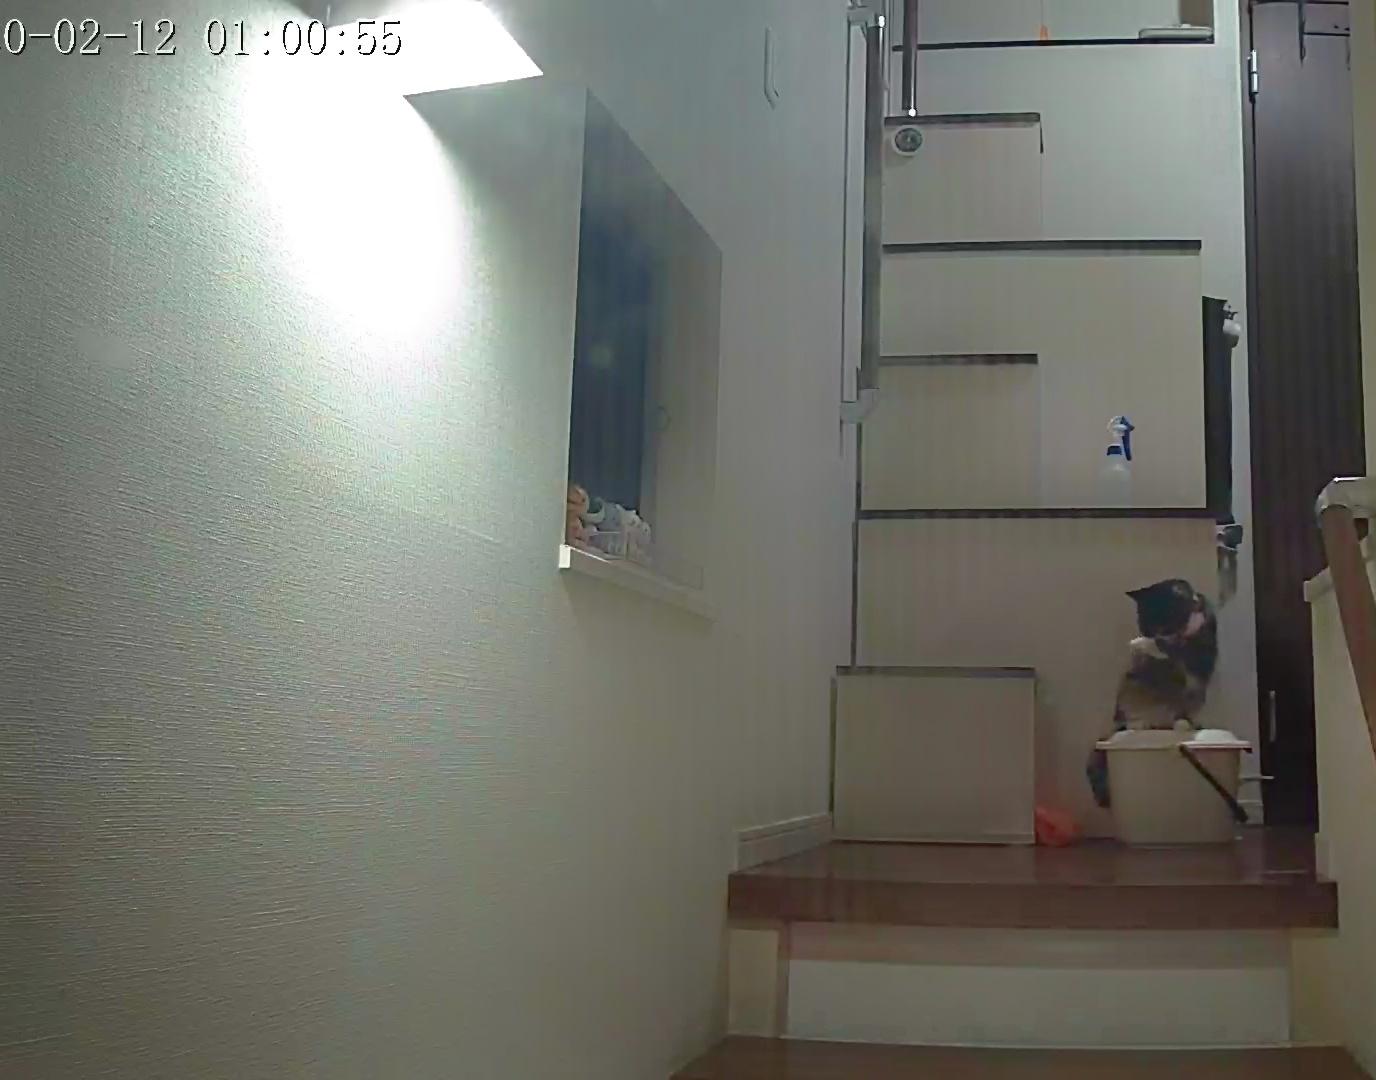 風鈴監視カメラ画像と直視画像と、マヨに期待_e0144012_16434390.jpeg